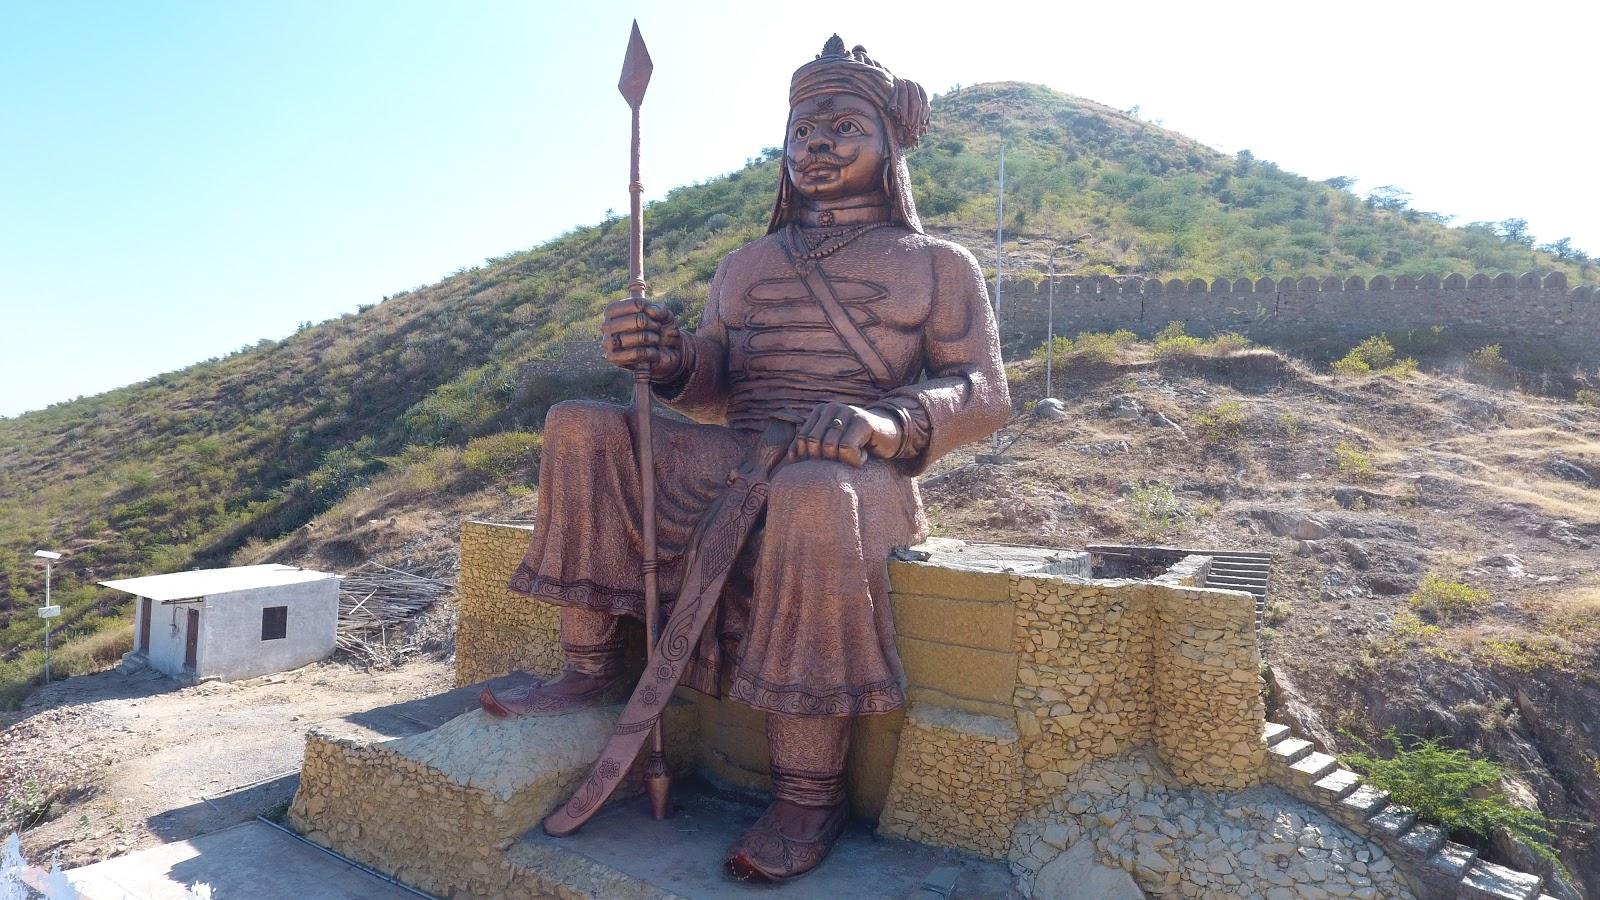 History of kumbhalgarh fort   कुम्भलगढ़ किले का इतिहास   कुम्भलगढ़ किले के बारे में रोचक तथ्य